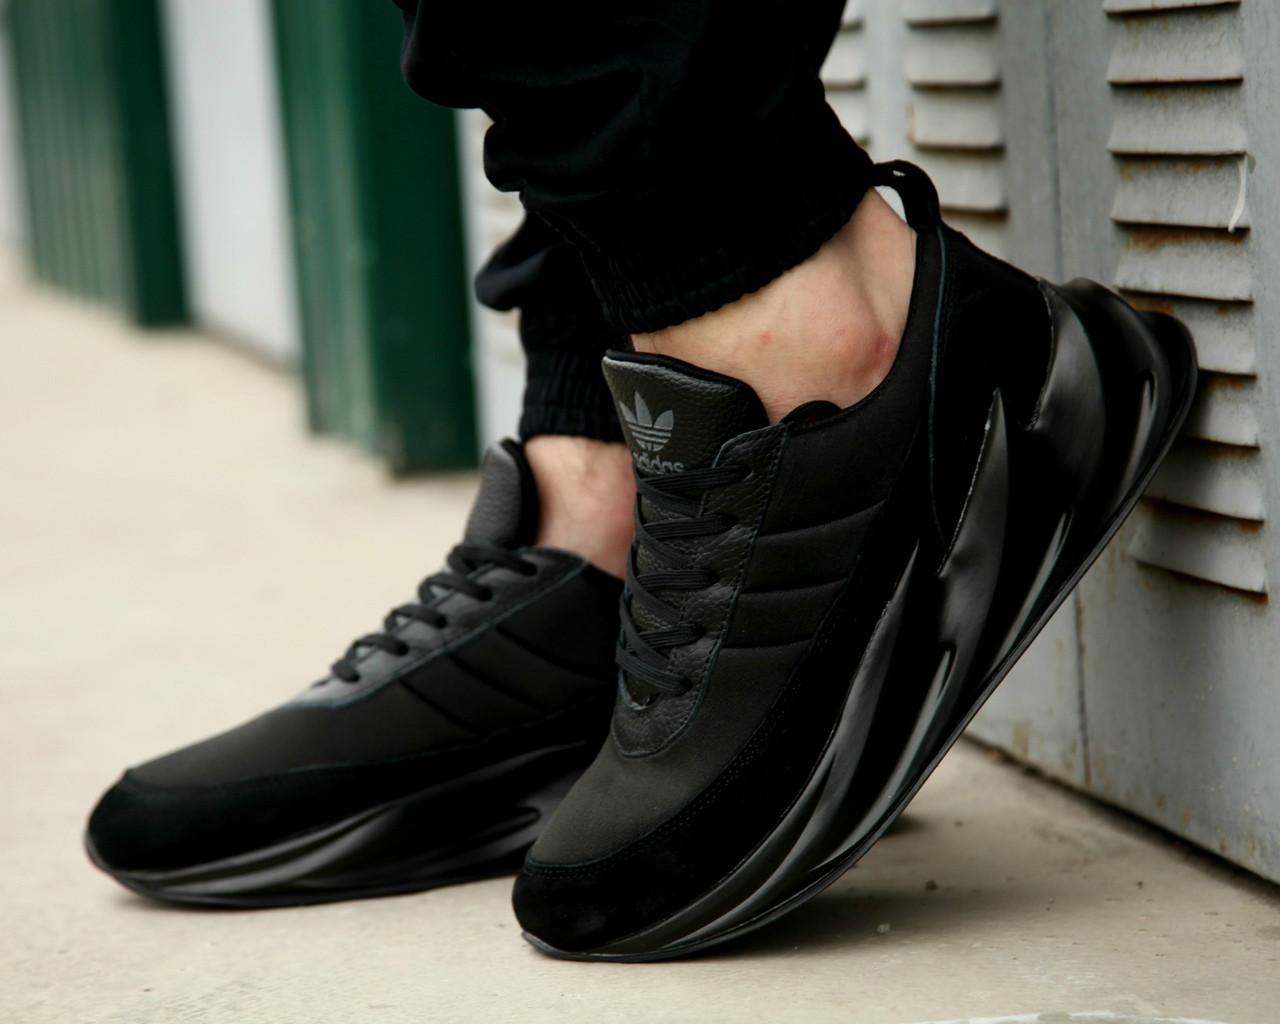 Adidas Sharks All Black (реплика)